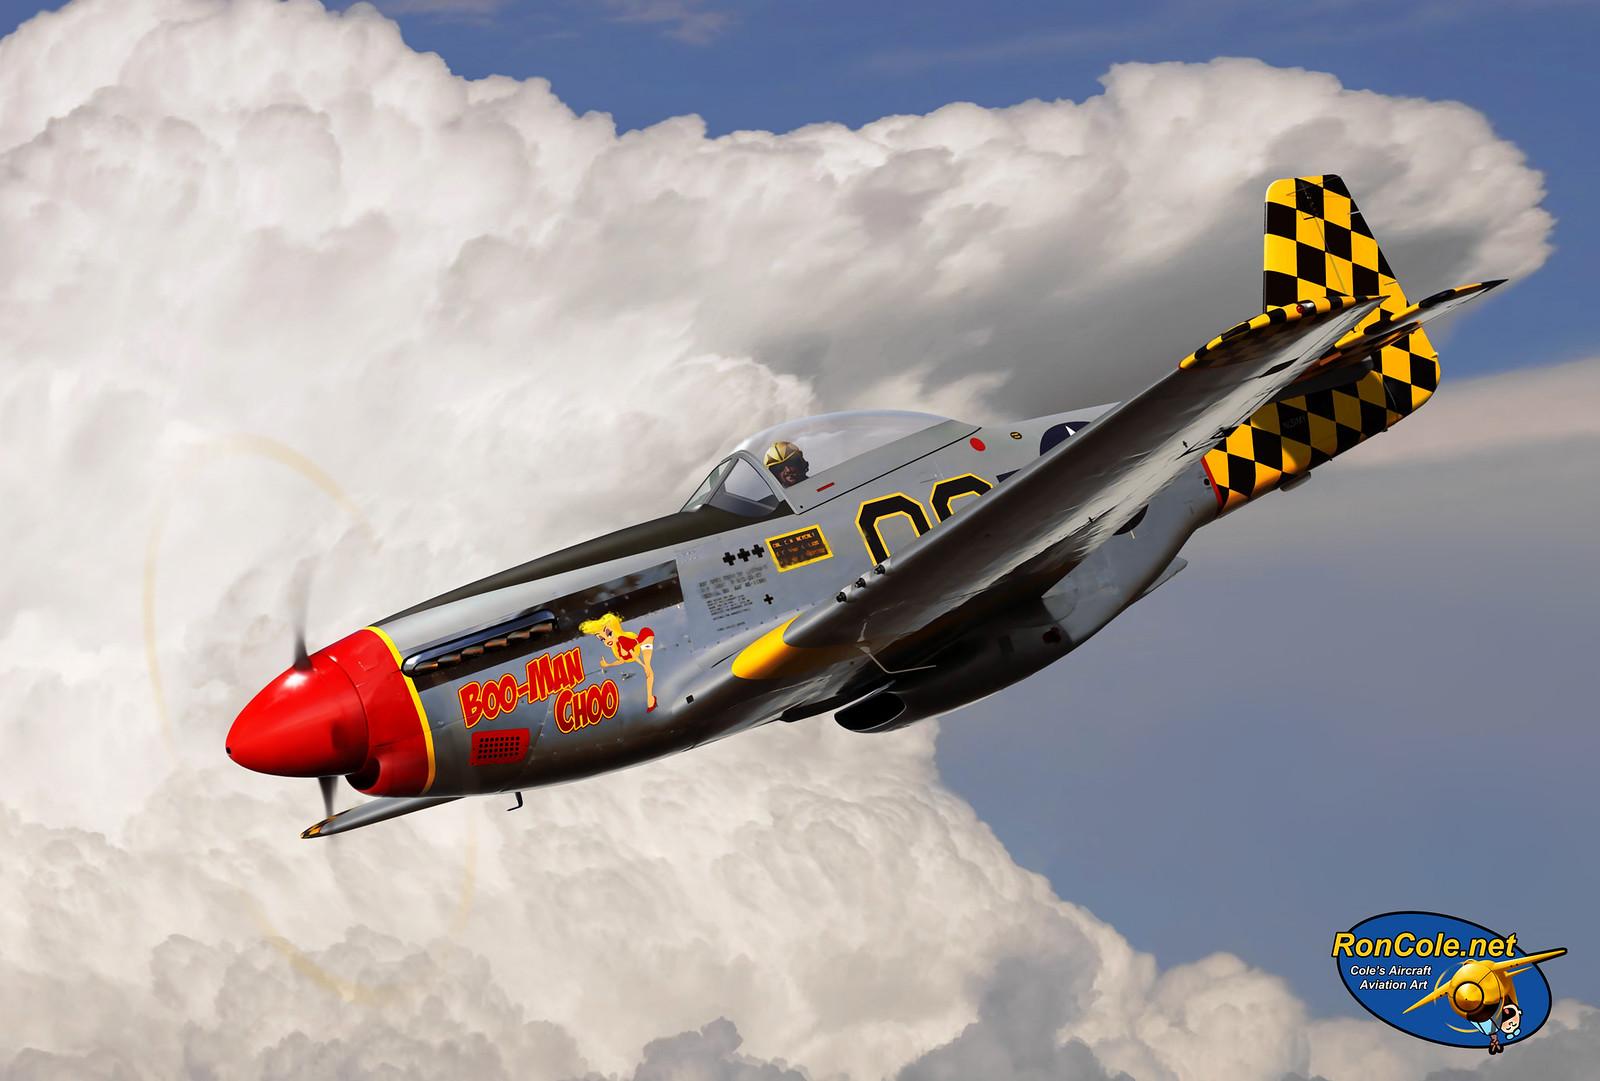 рисунок P-51D Mustang 'Boo-Man Choo'